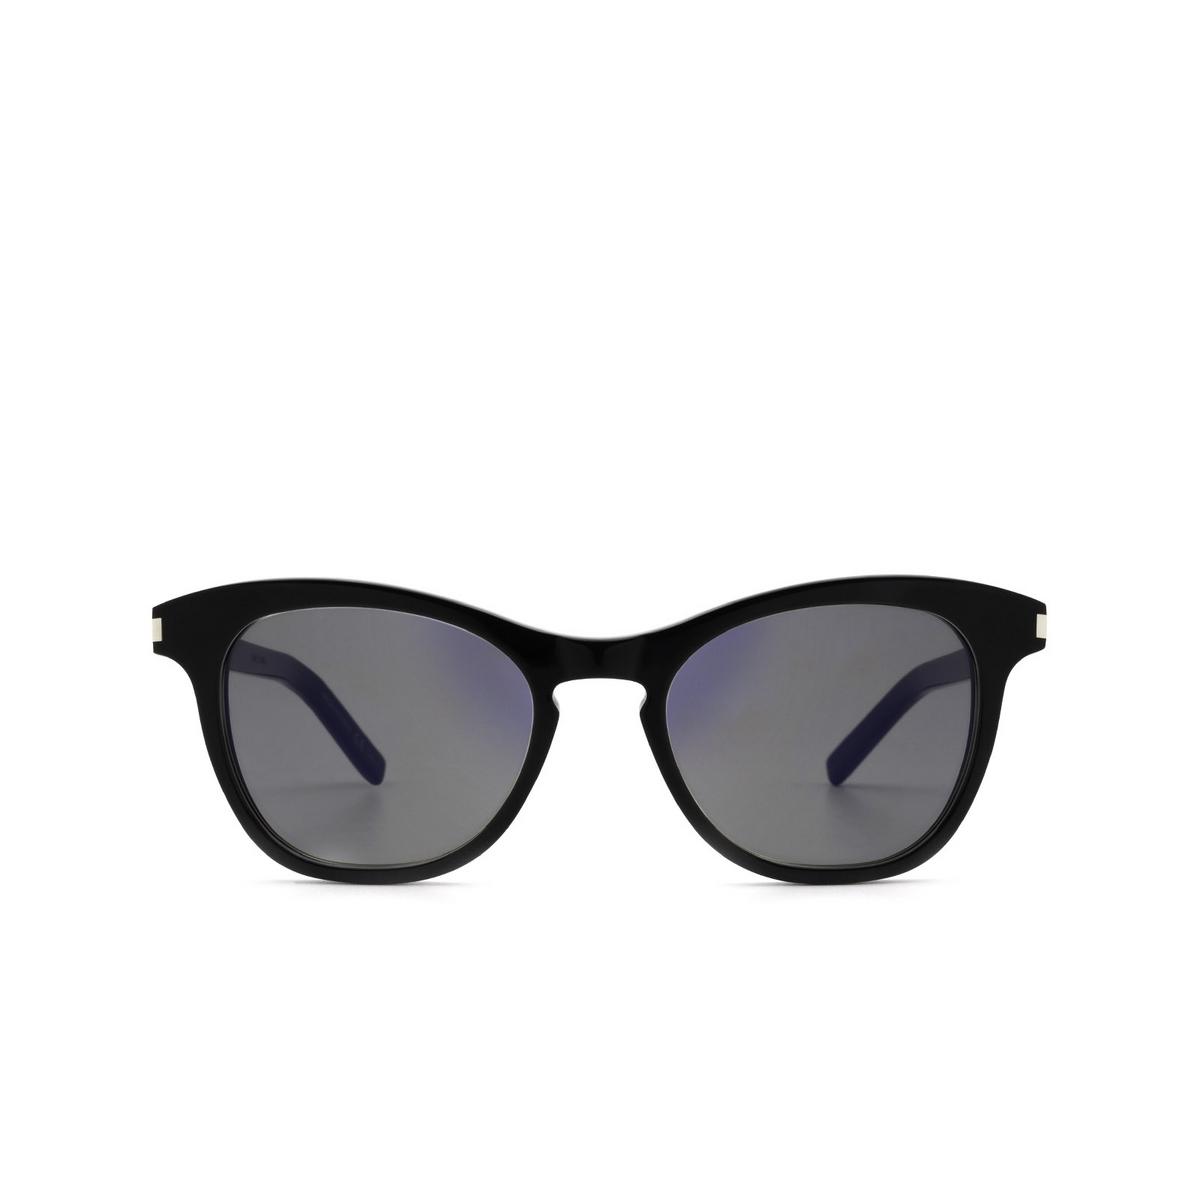 Saint Laurent® Cat-eye Sunglasses: SL 356 color Black 017 - front view.